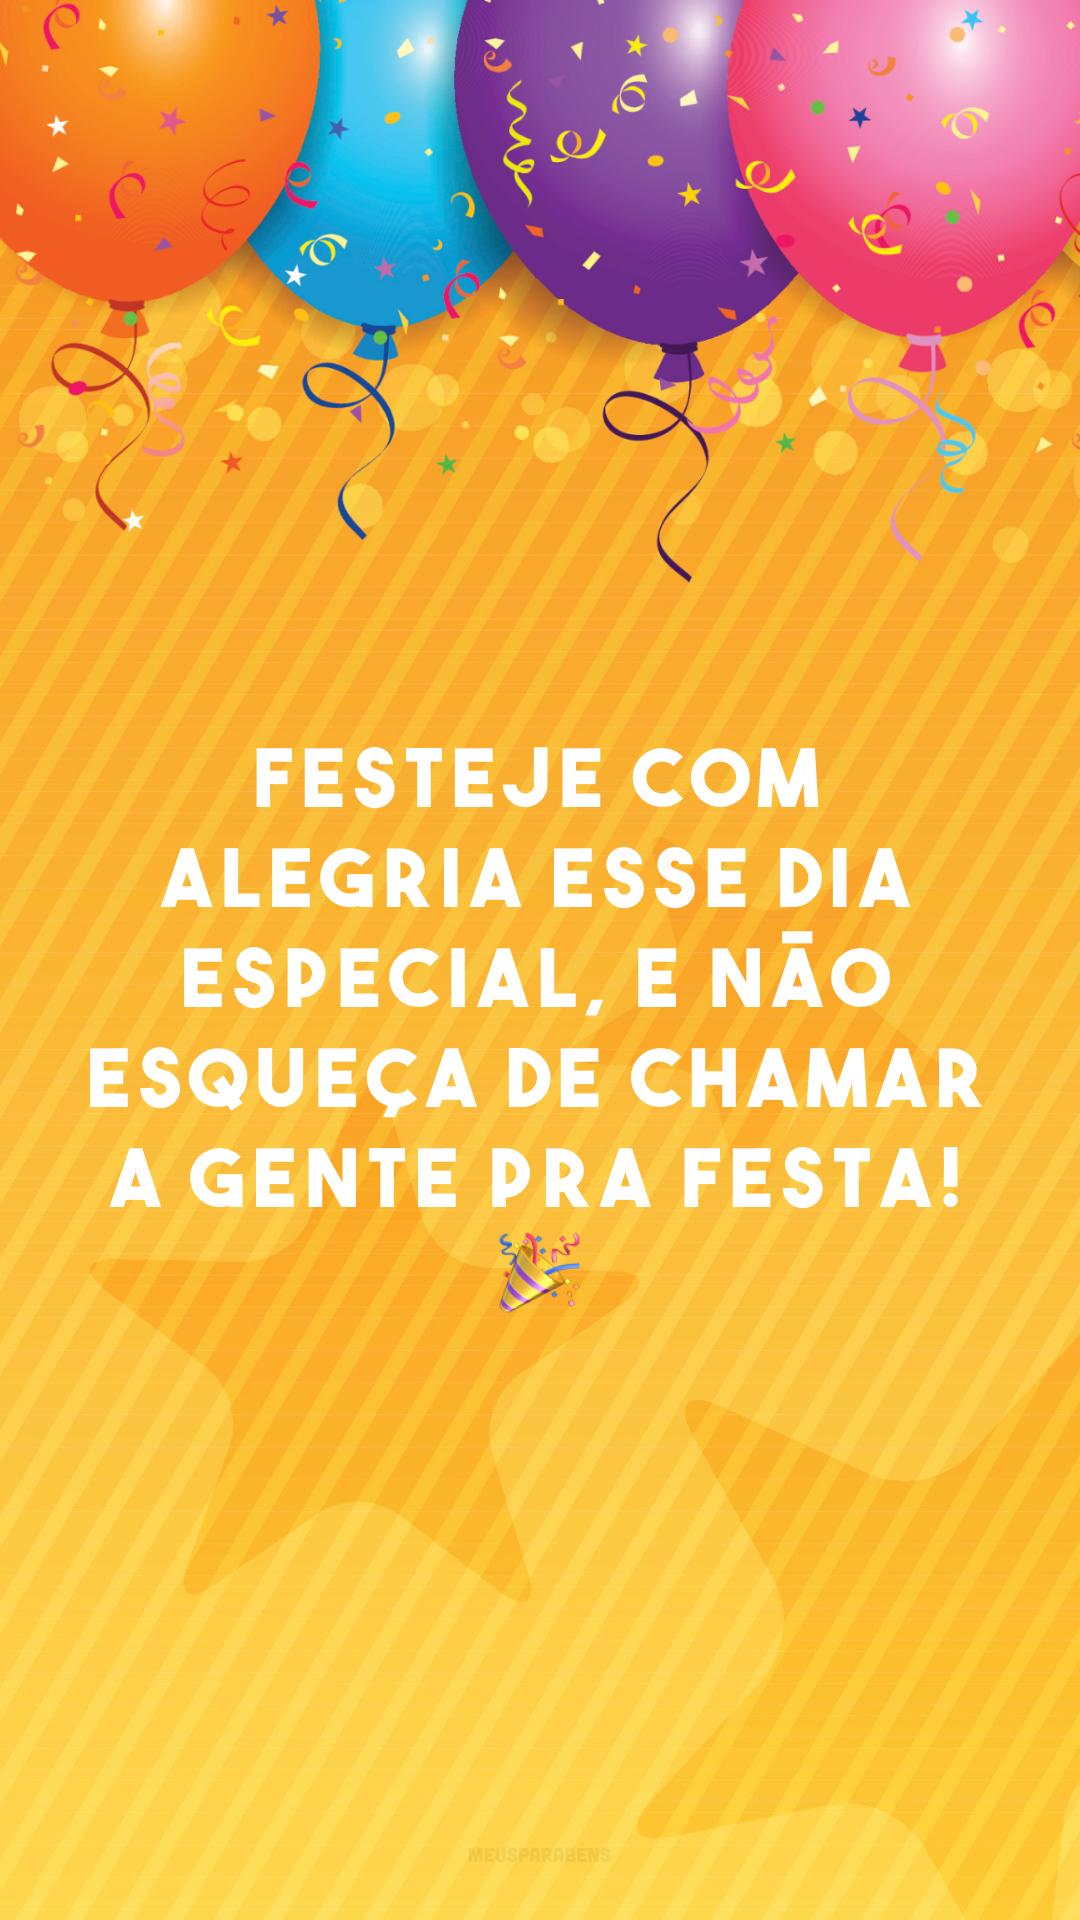 Festeje com alegria esse dia especial, e não esqueça de chamar a gente pra festa! ?